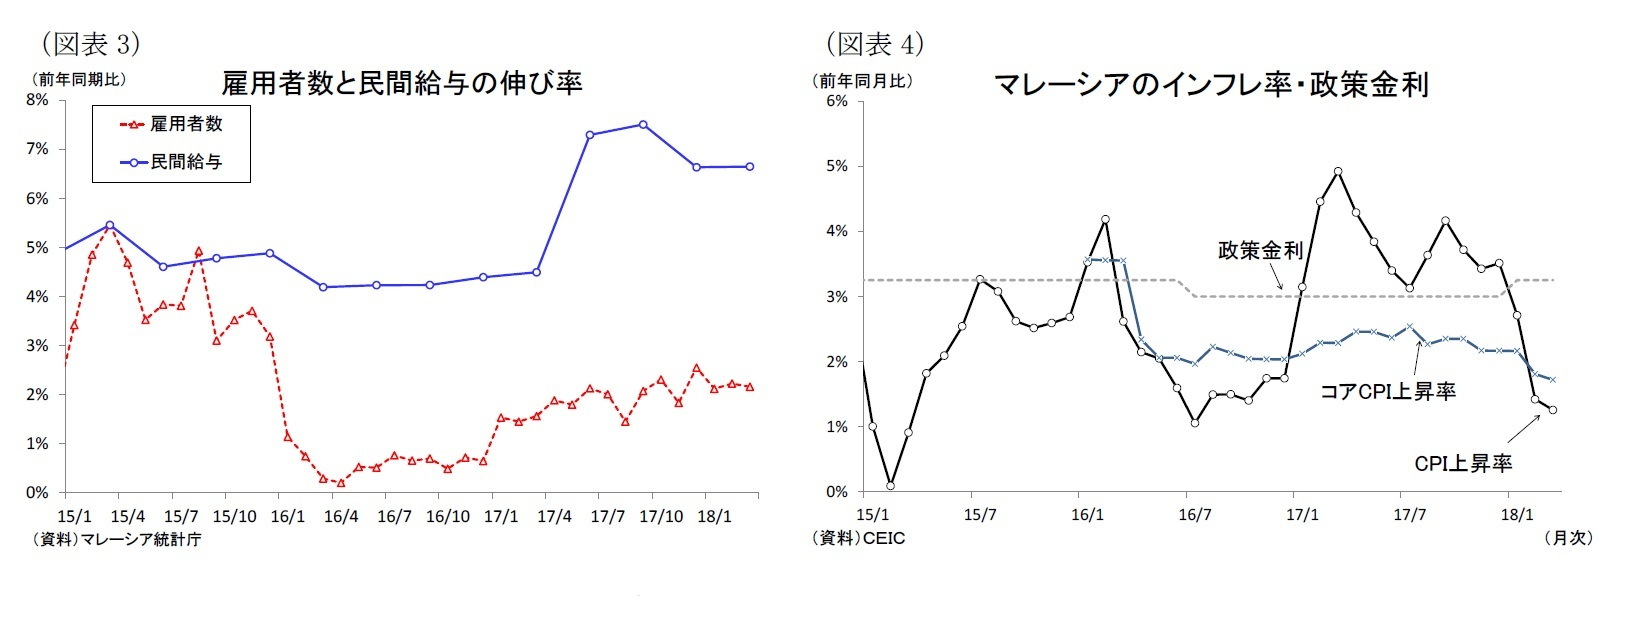 (図表3)雇用者数と民間給与の伸び率/(図表4)マレーシアのインフレ率・政策金利